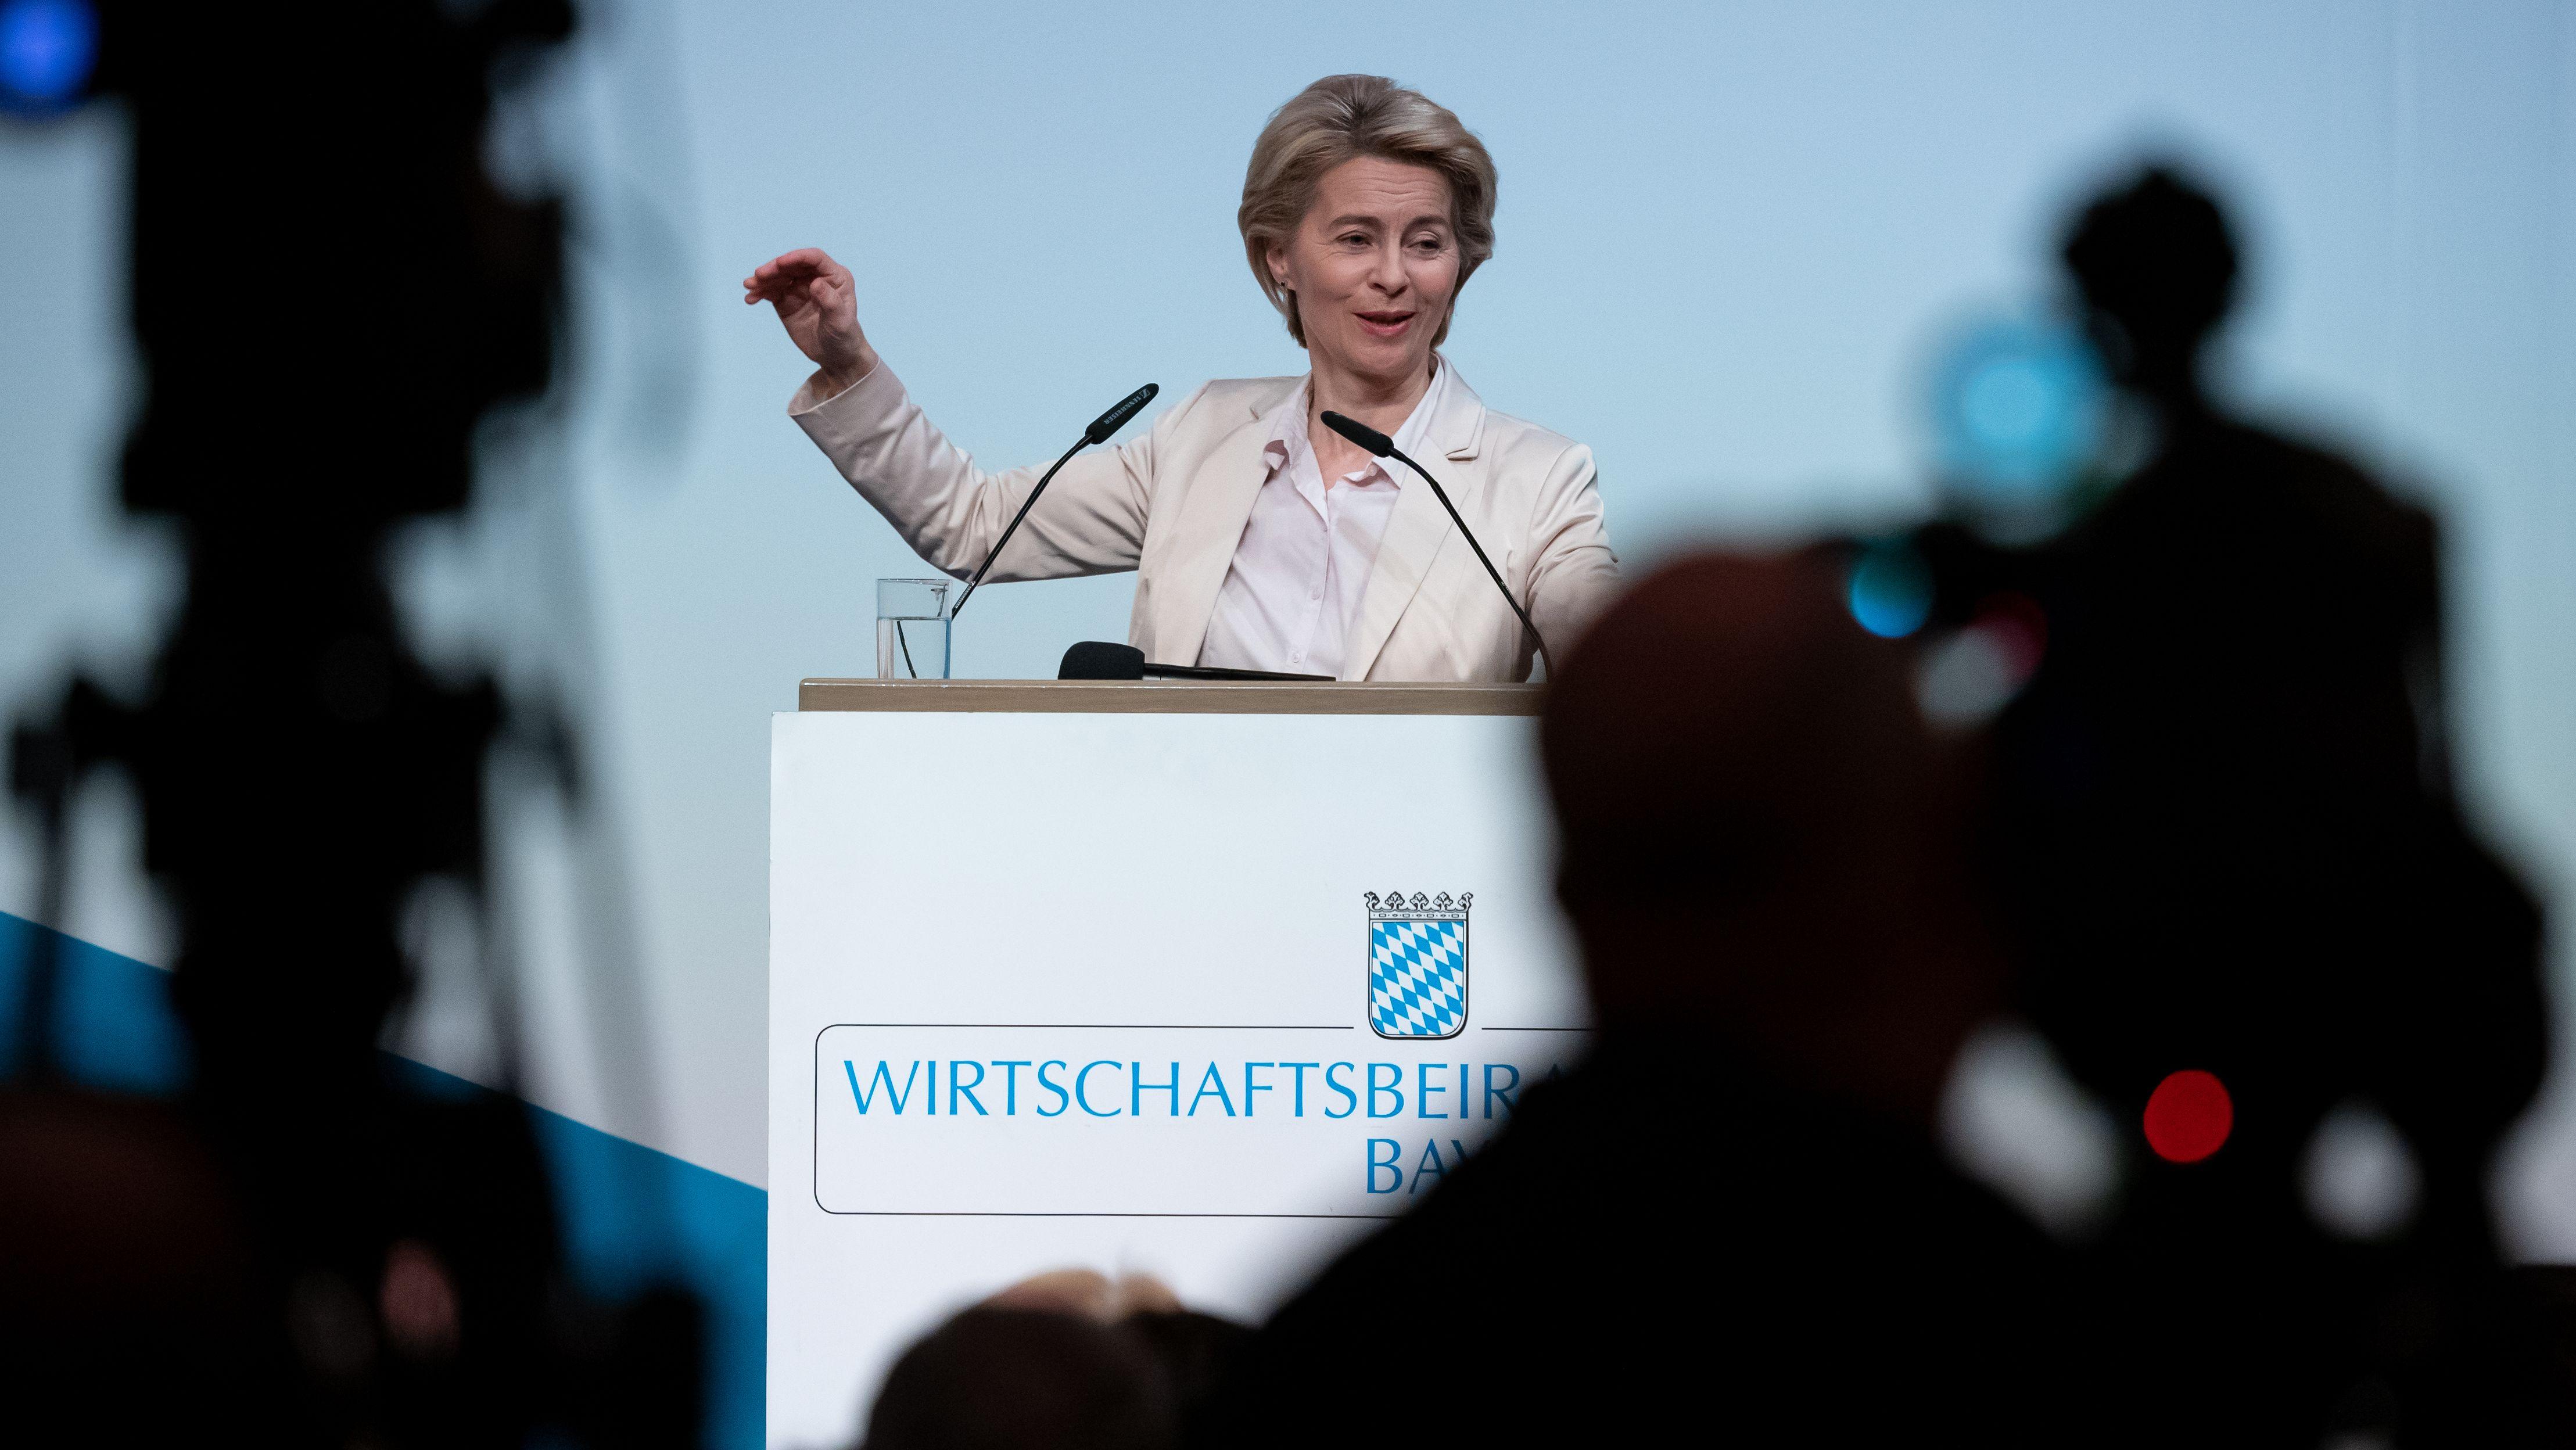 Ursula von der Leyen (CDU), designierte Präsidentin der Europäischen Kommission, nimmt an der Generalversammlung des Wirtschaftsbeirats der Union teil.